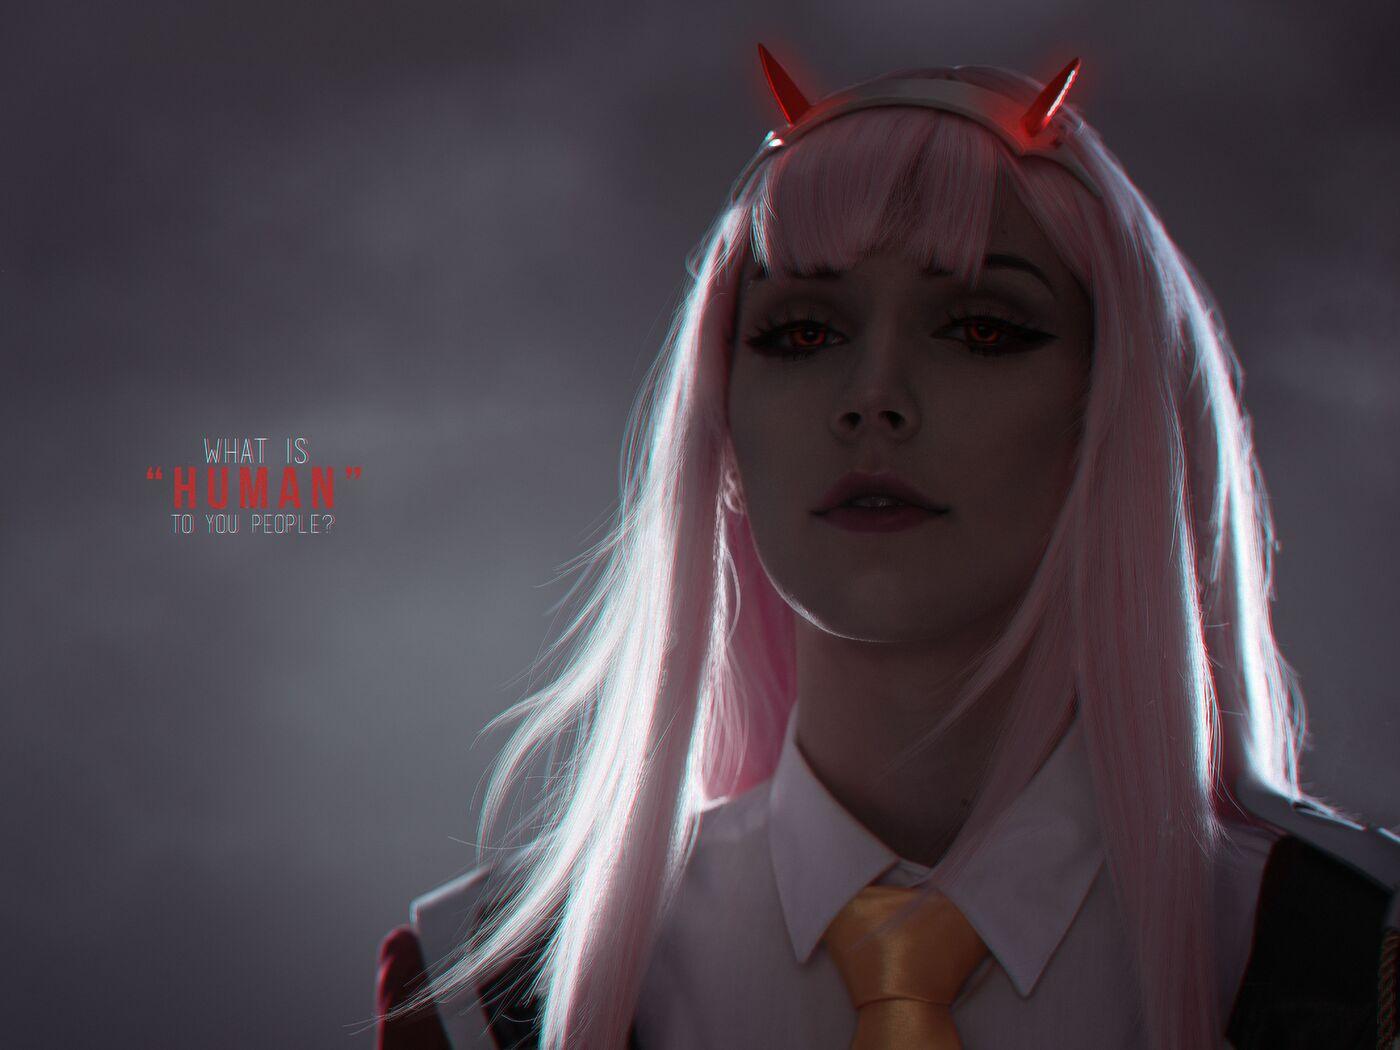 girl-school-uniform-red-devil-horns-8k-se.jpg